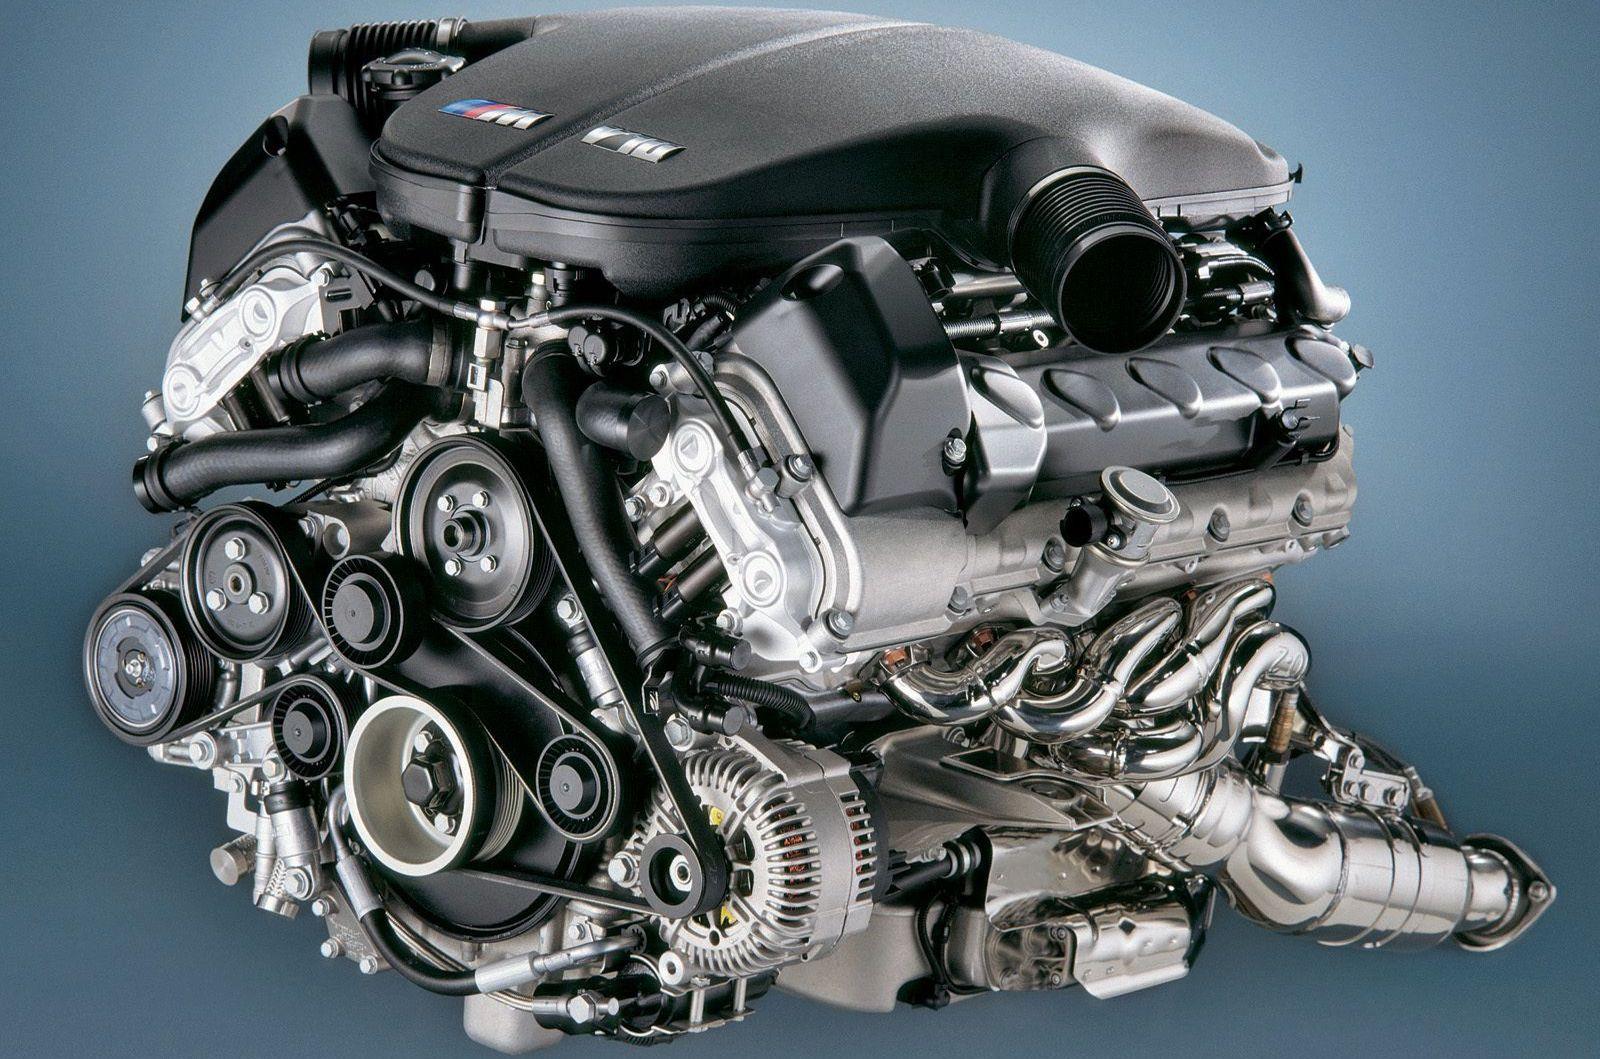 S85 BMW Engine